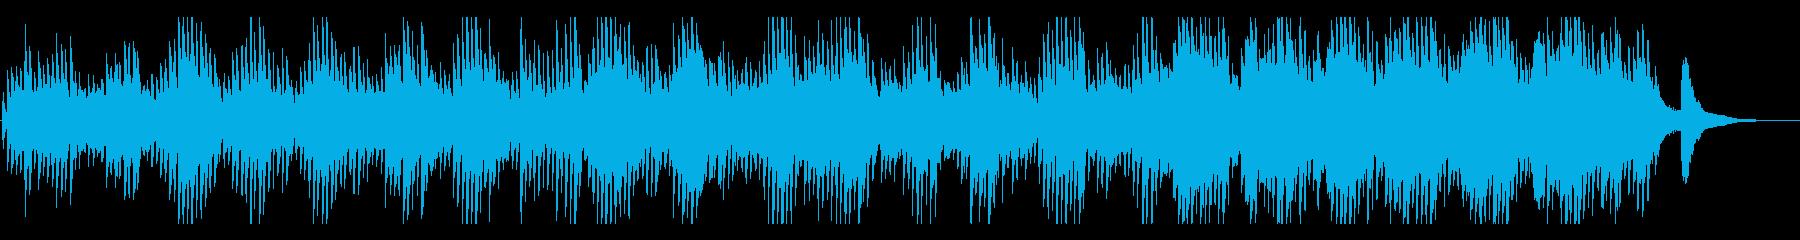 Meditative Angels's reproduced waveform